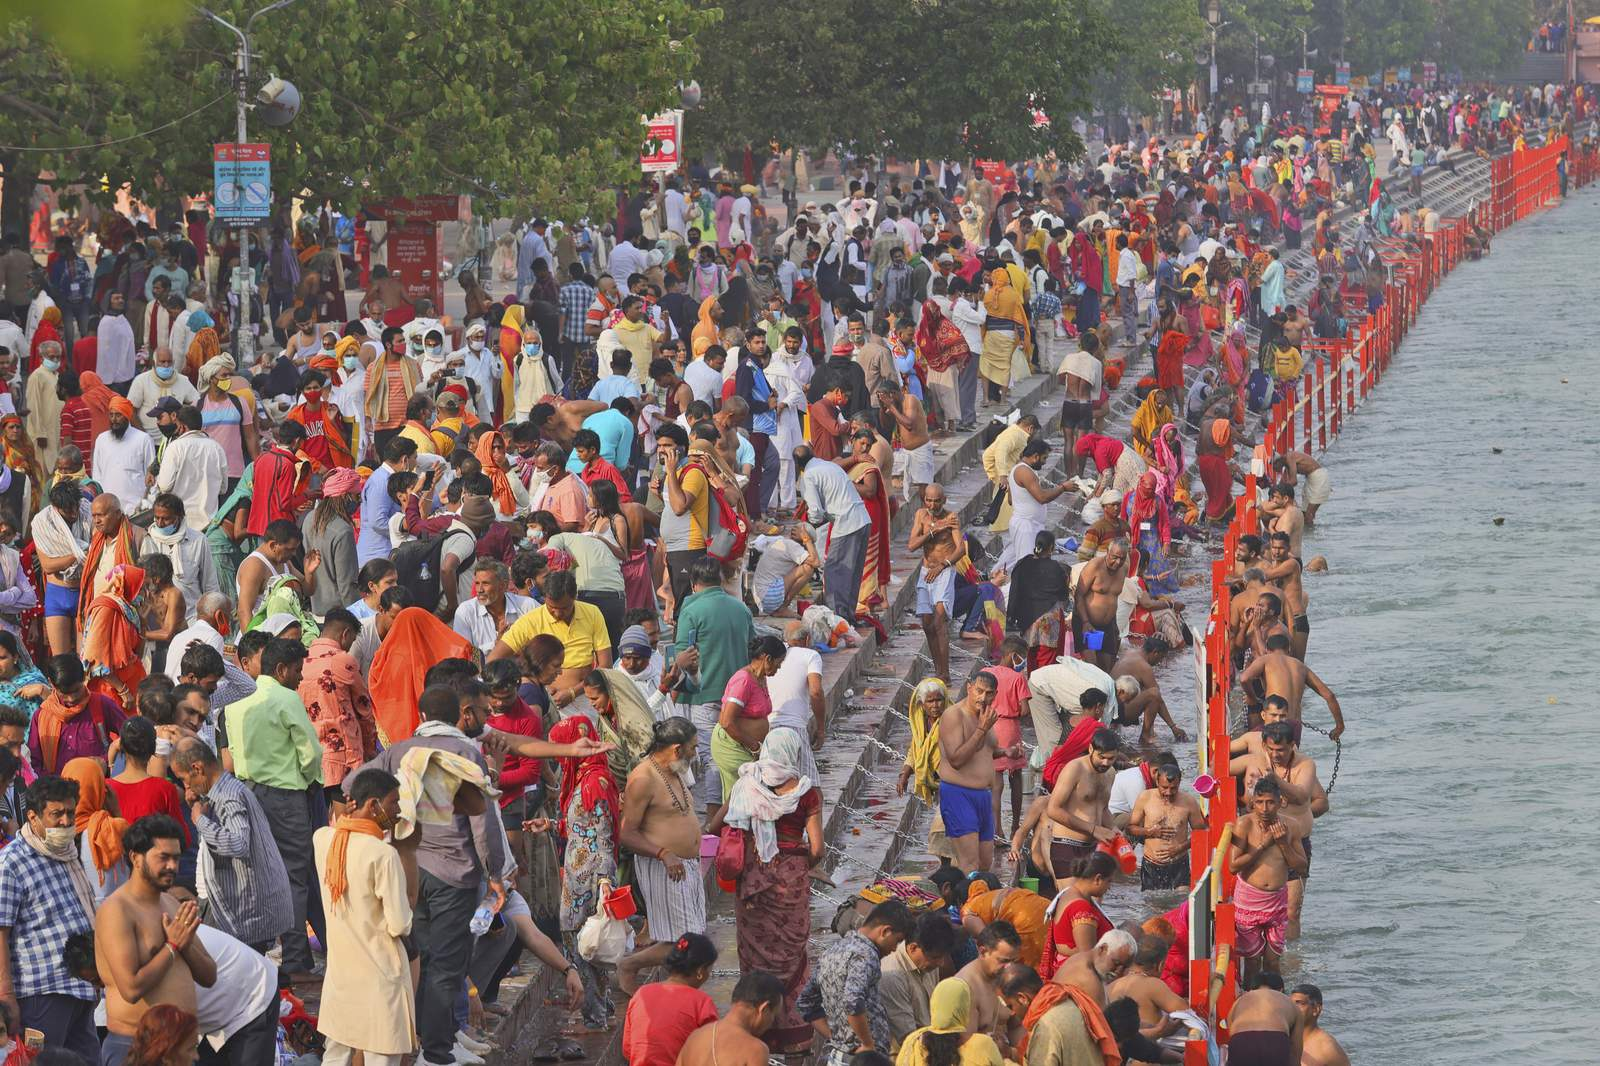 Enormes reuniones en el festival hindú de la India a medida que aumenta el virus